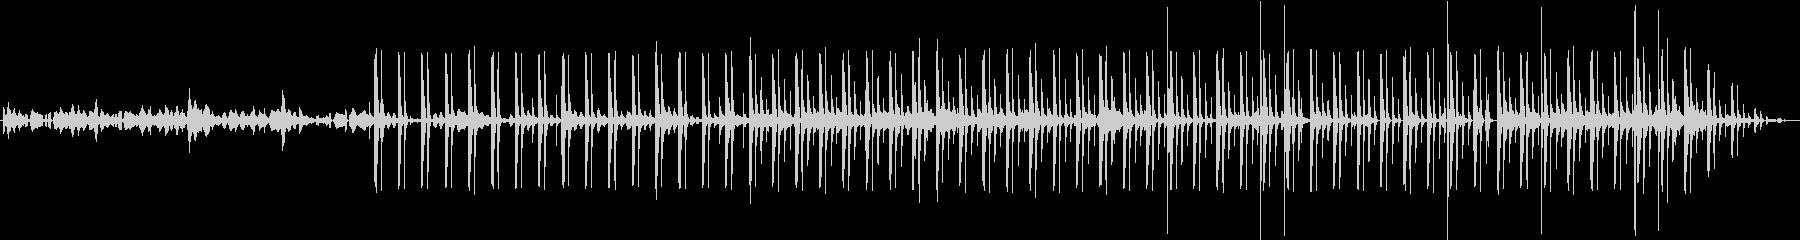 ポップ。歌。ロマンス80年代。パワ...の未再生の波形